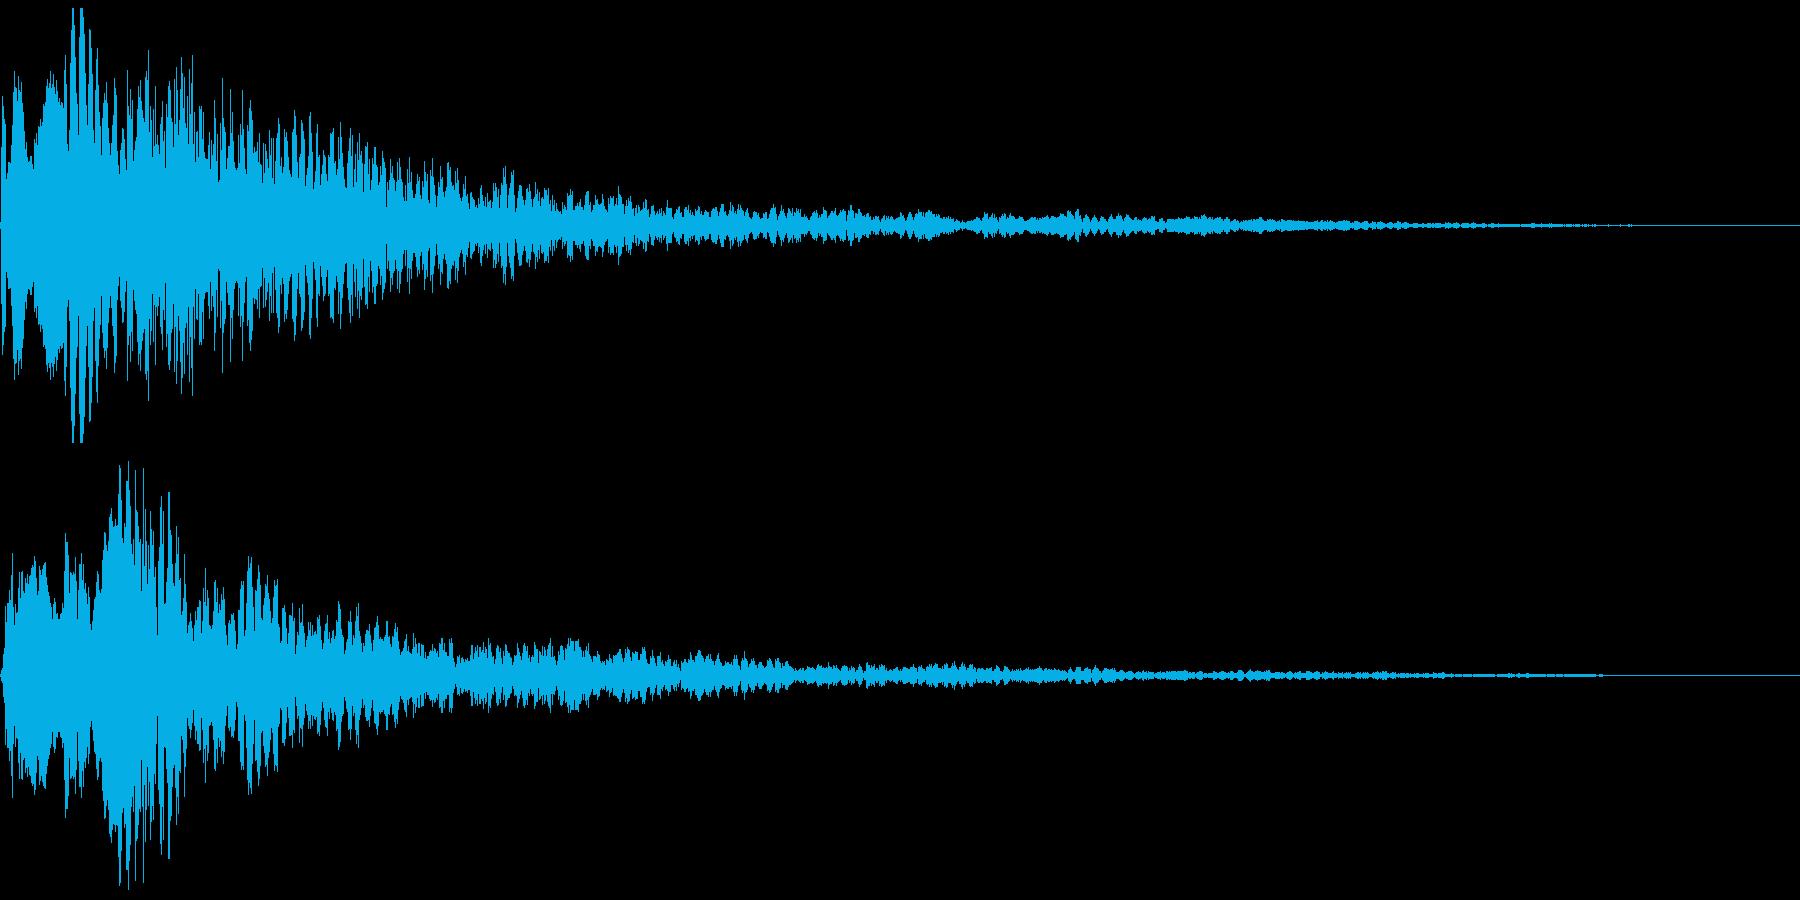 テレレン ハッとした瞬間の効果音の再生済みの波形